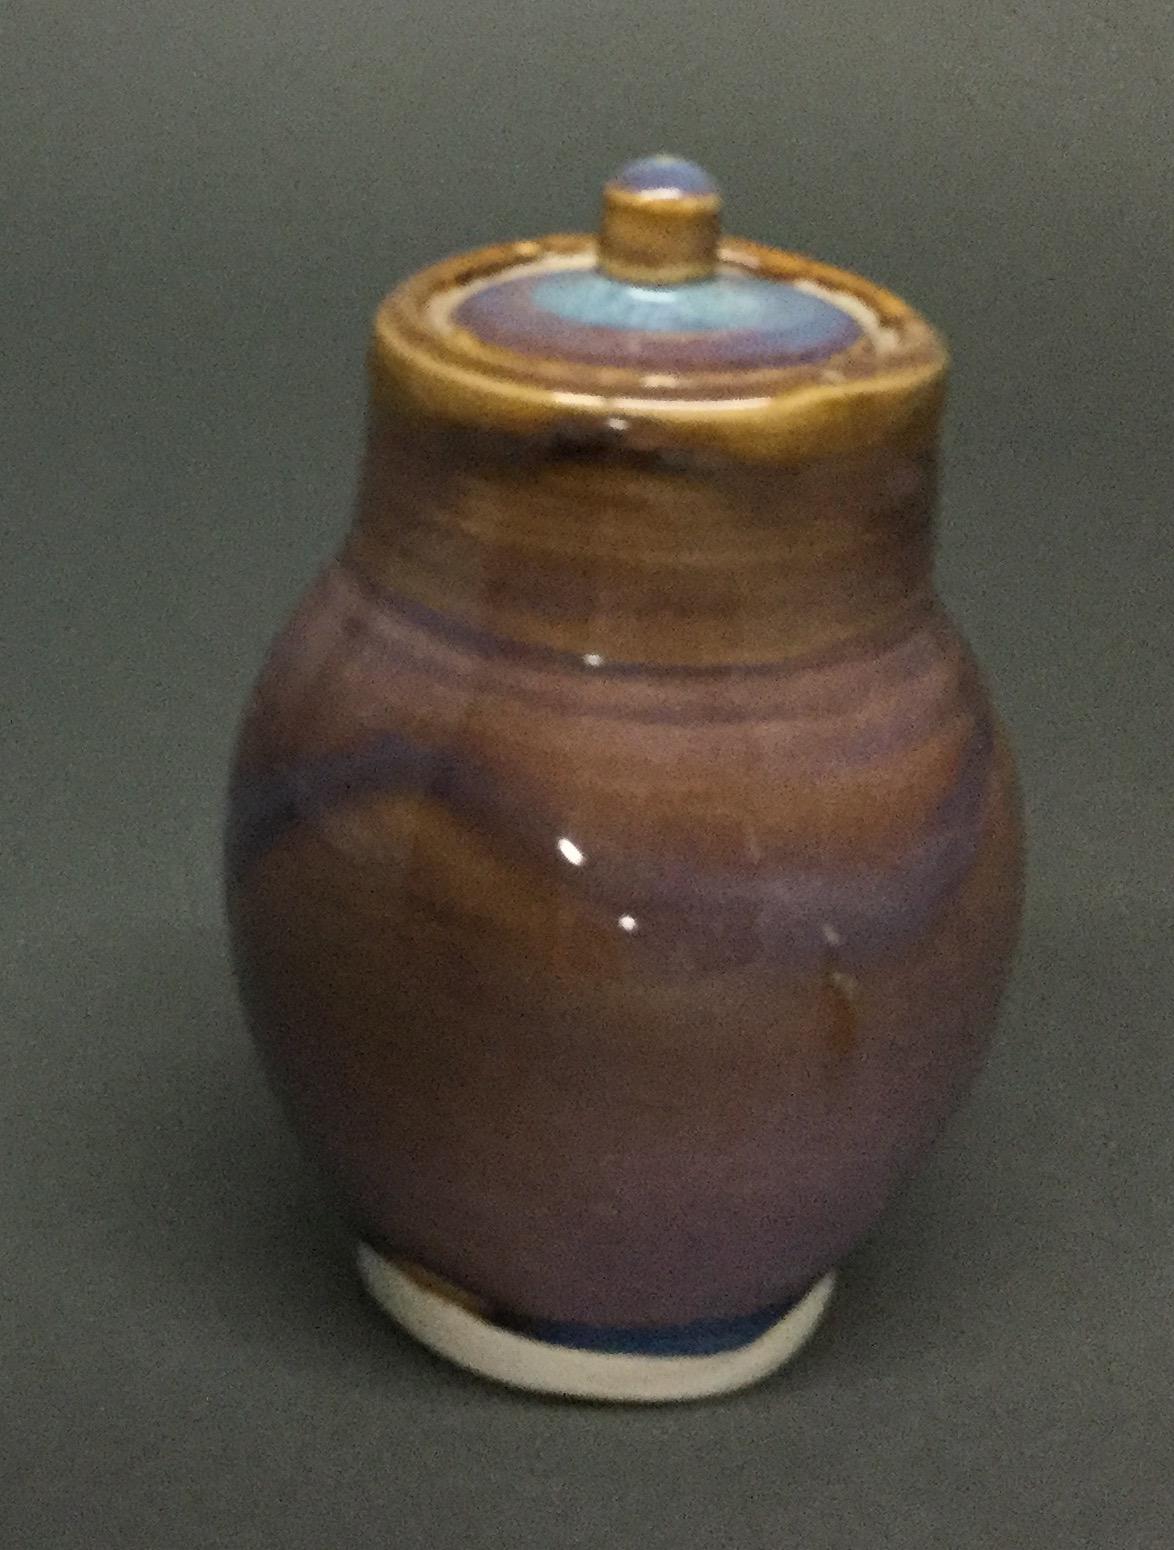 Porcelain-Jar-With-Lid_55362C.jpg